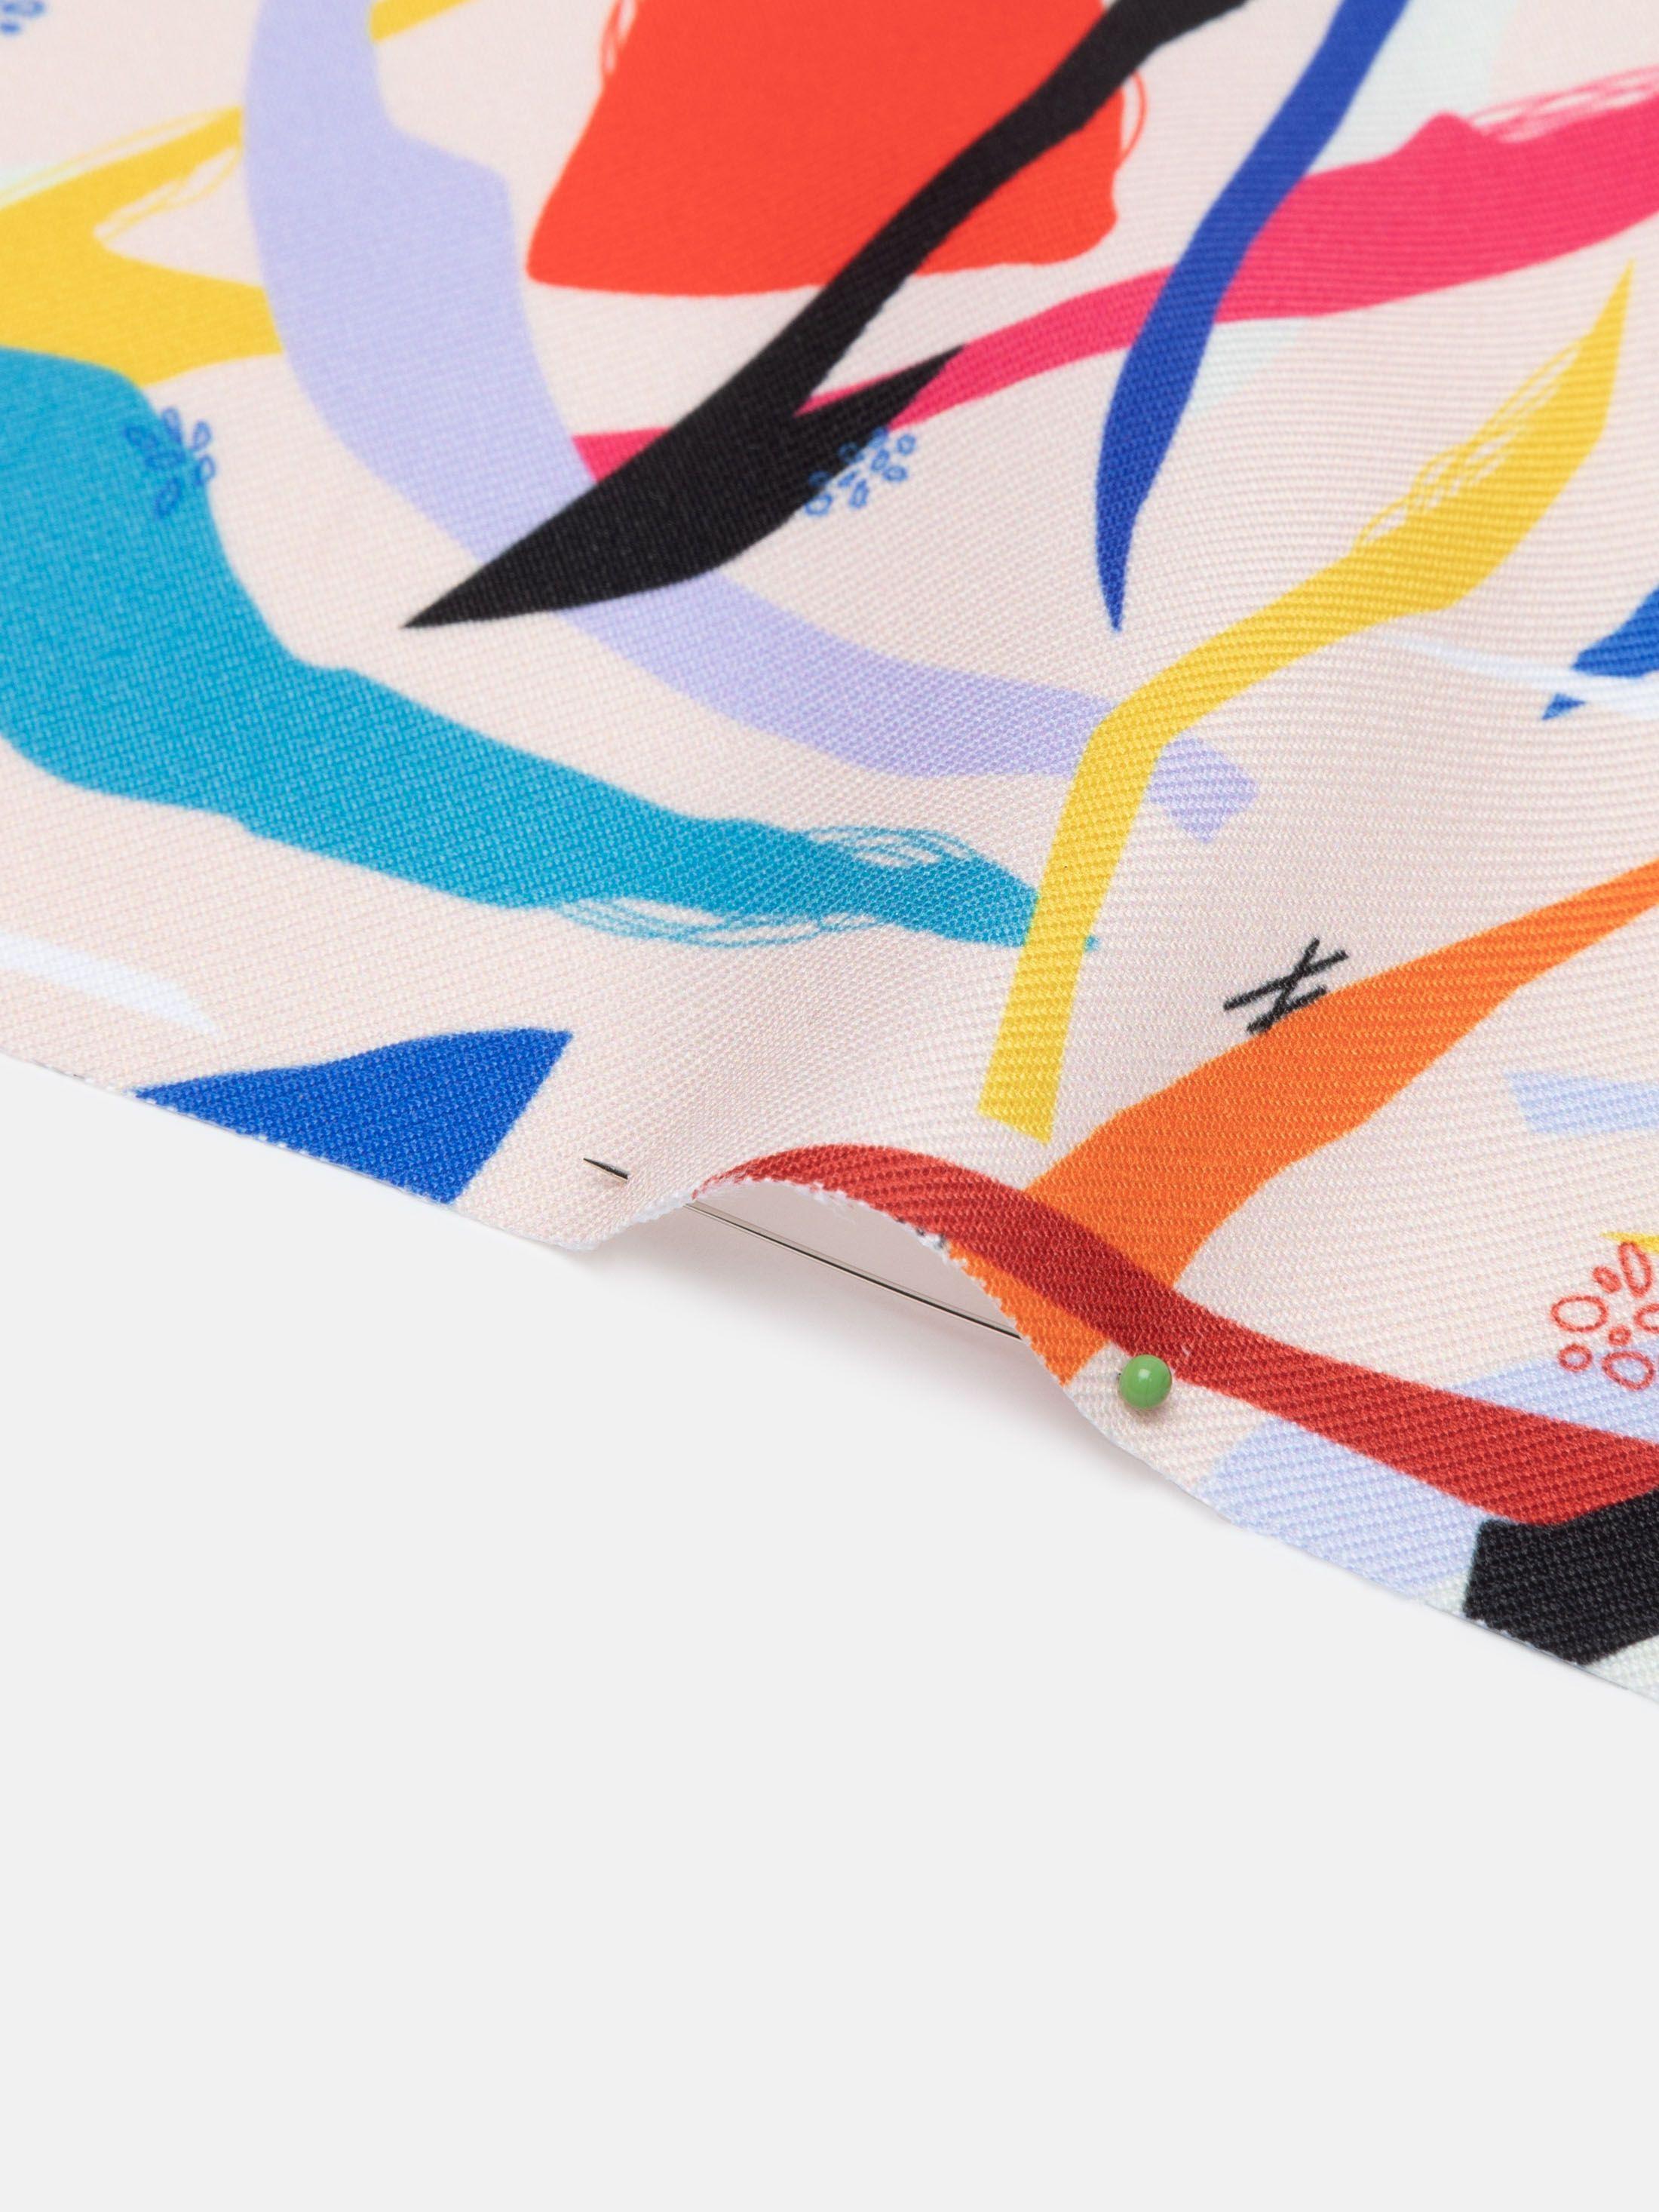 bedrukte patronen op Polyester Twill stof gevouwen